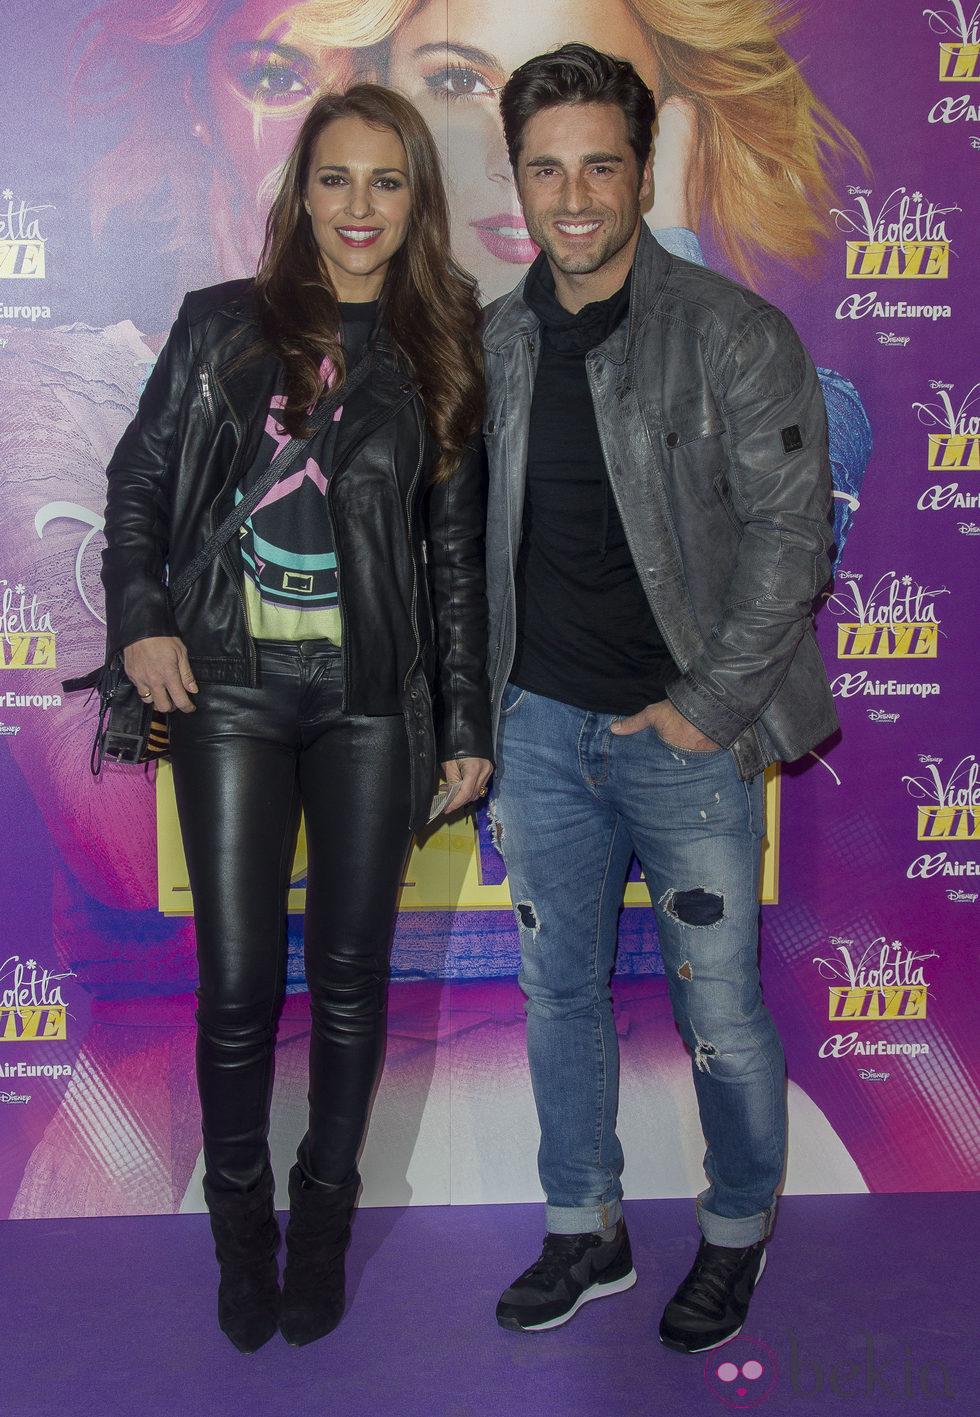 Paula Echevarría y David Bustamante en el concierto de Violetta en Madrid